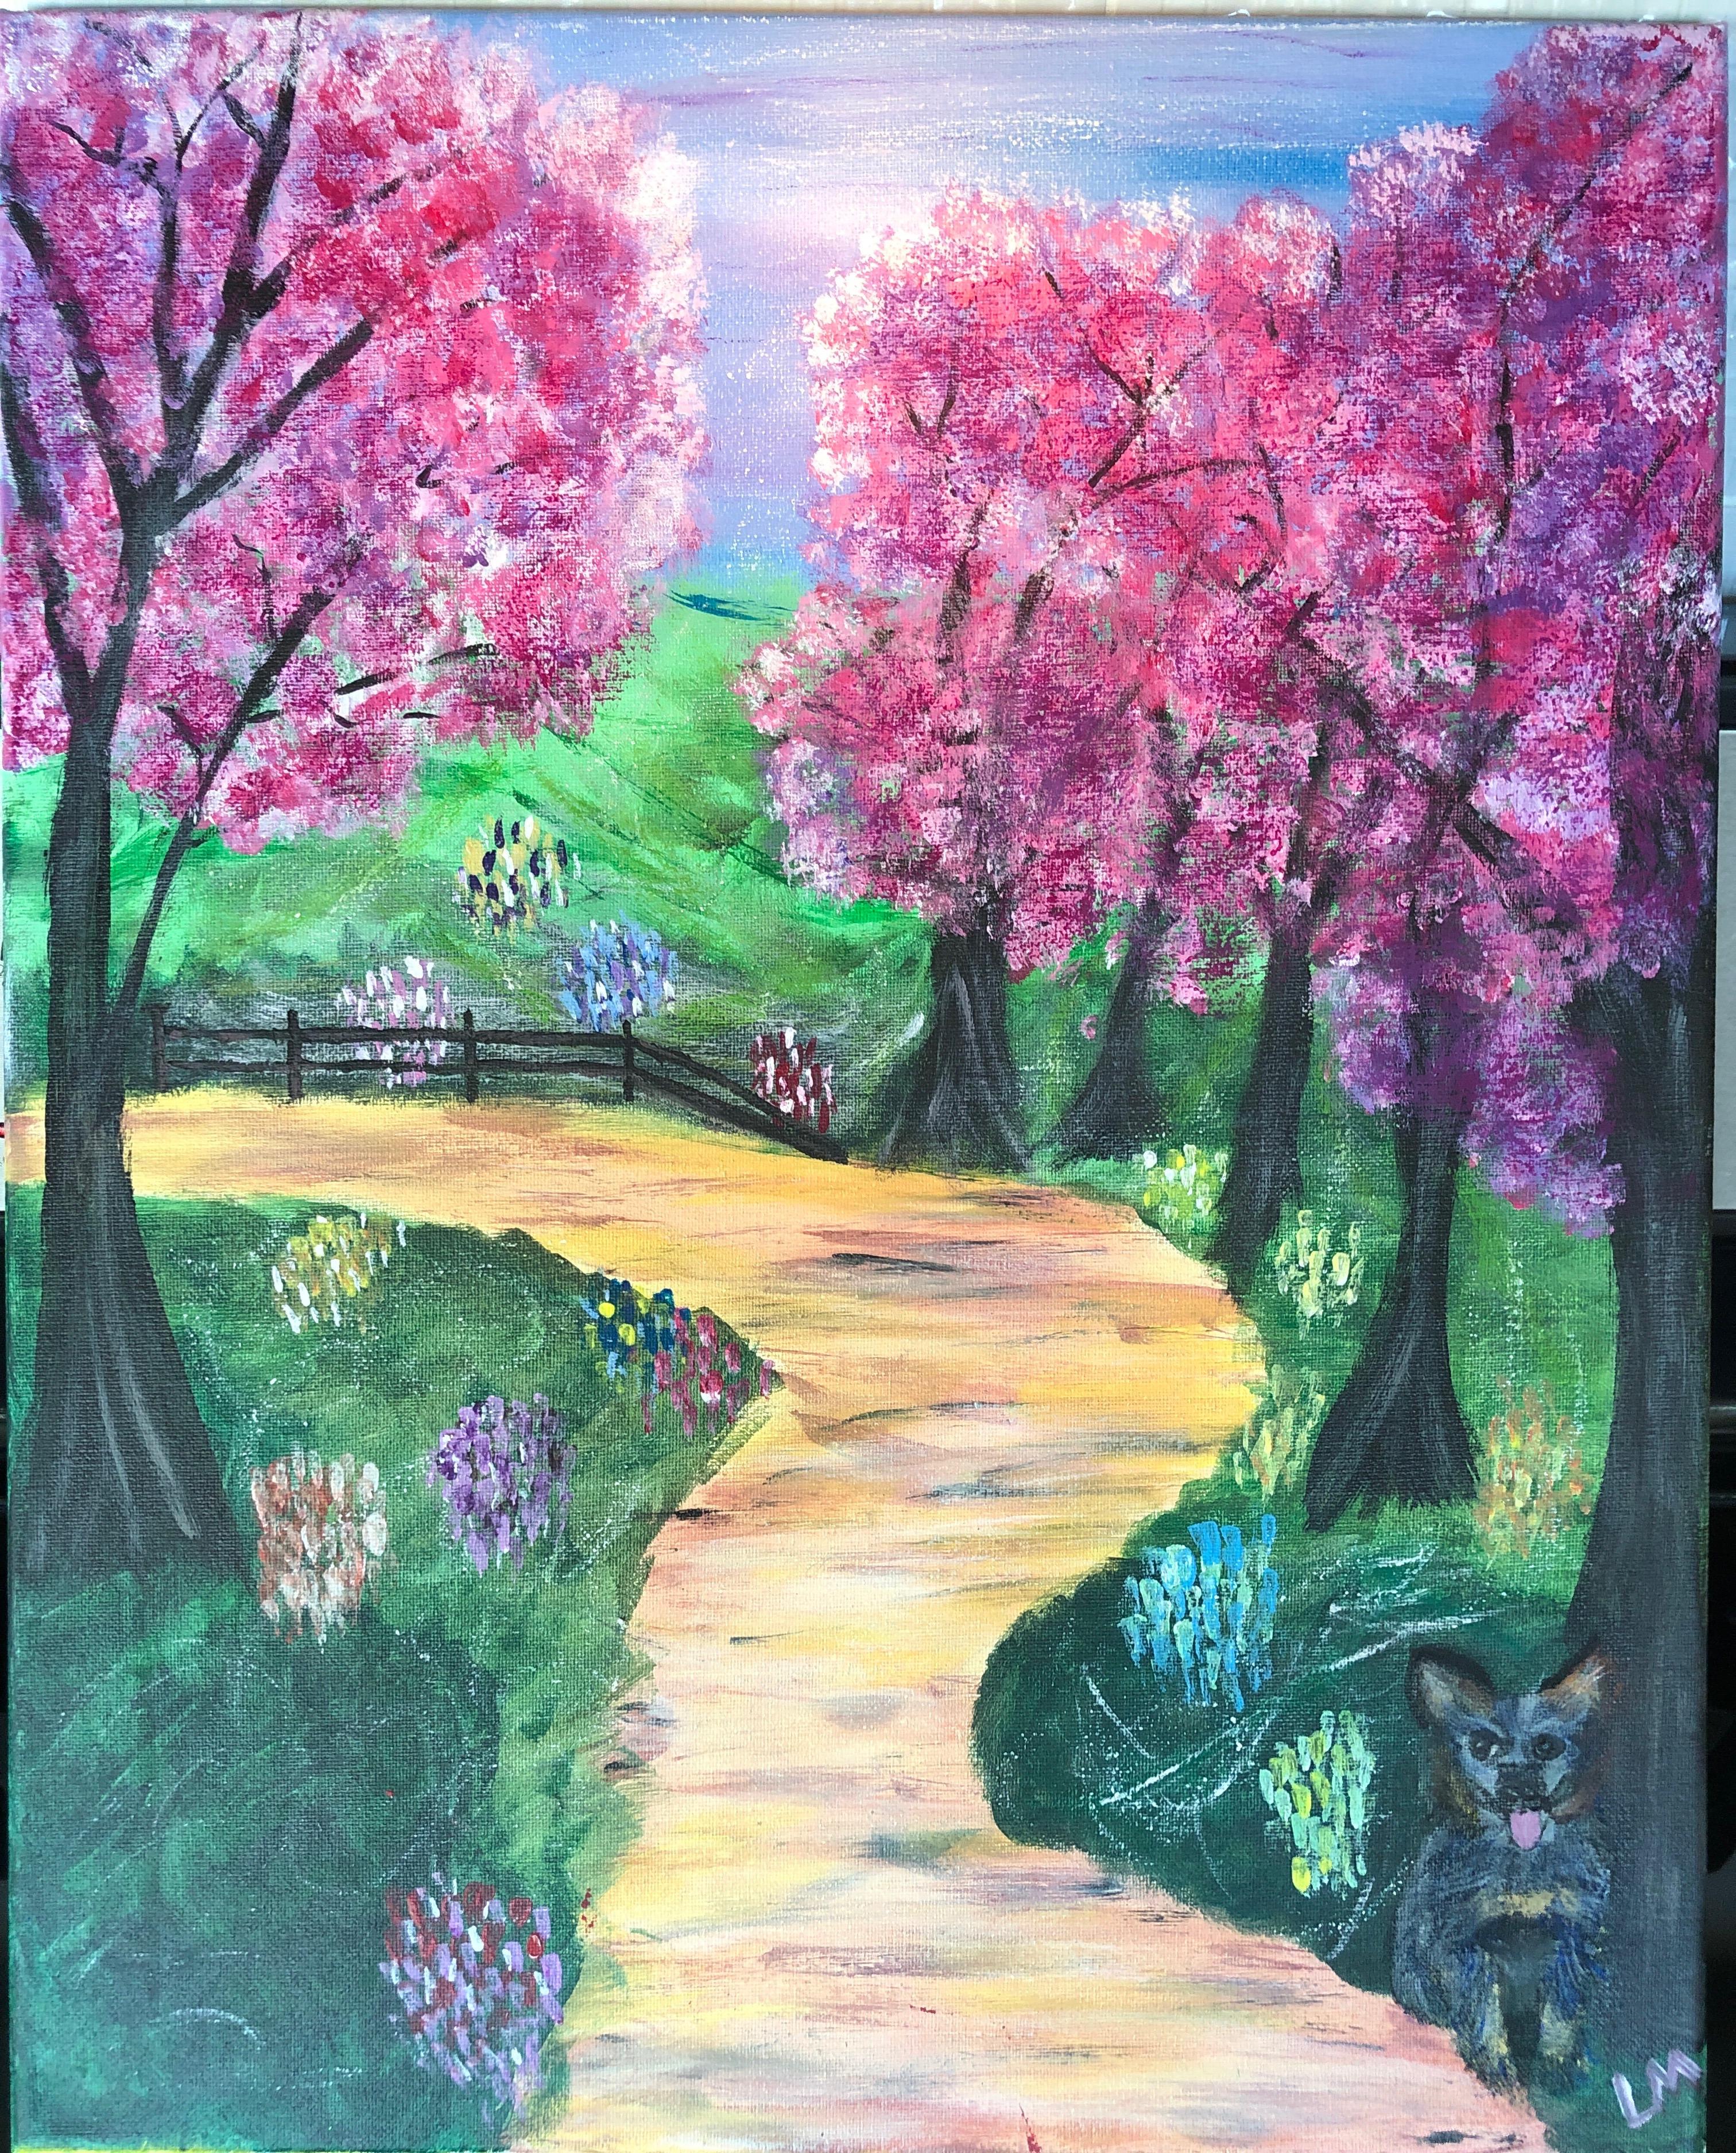 A spring stroll